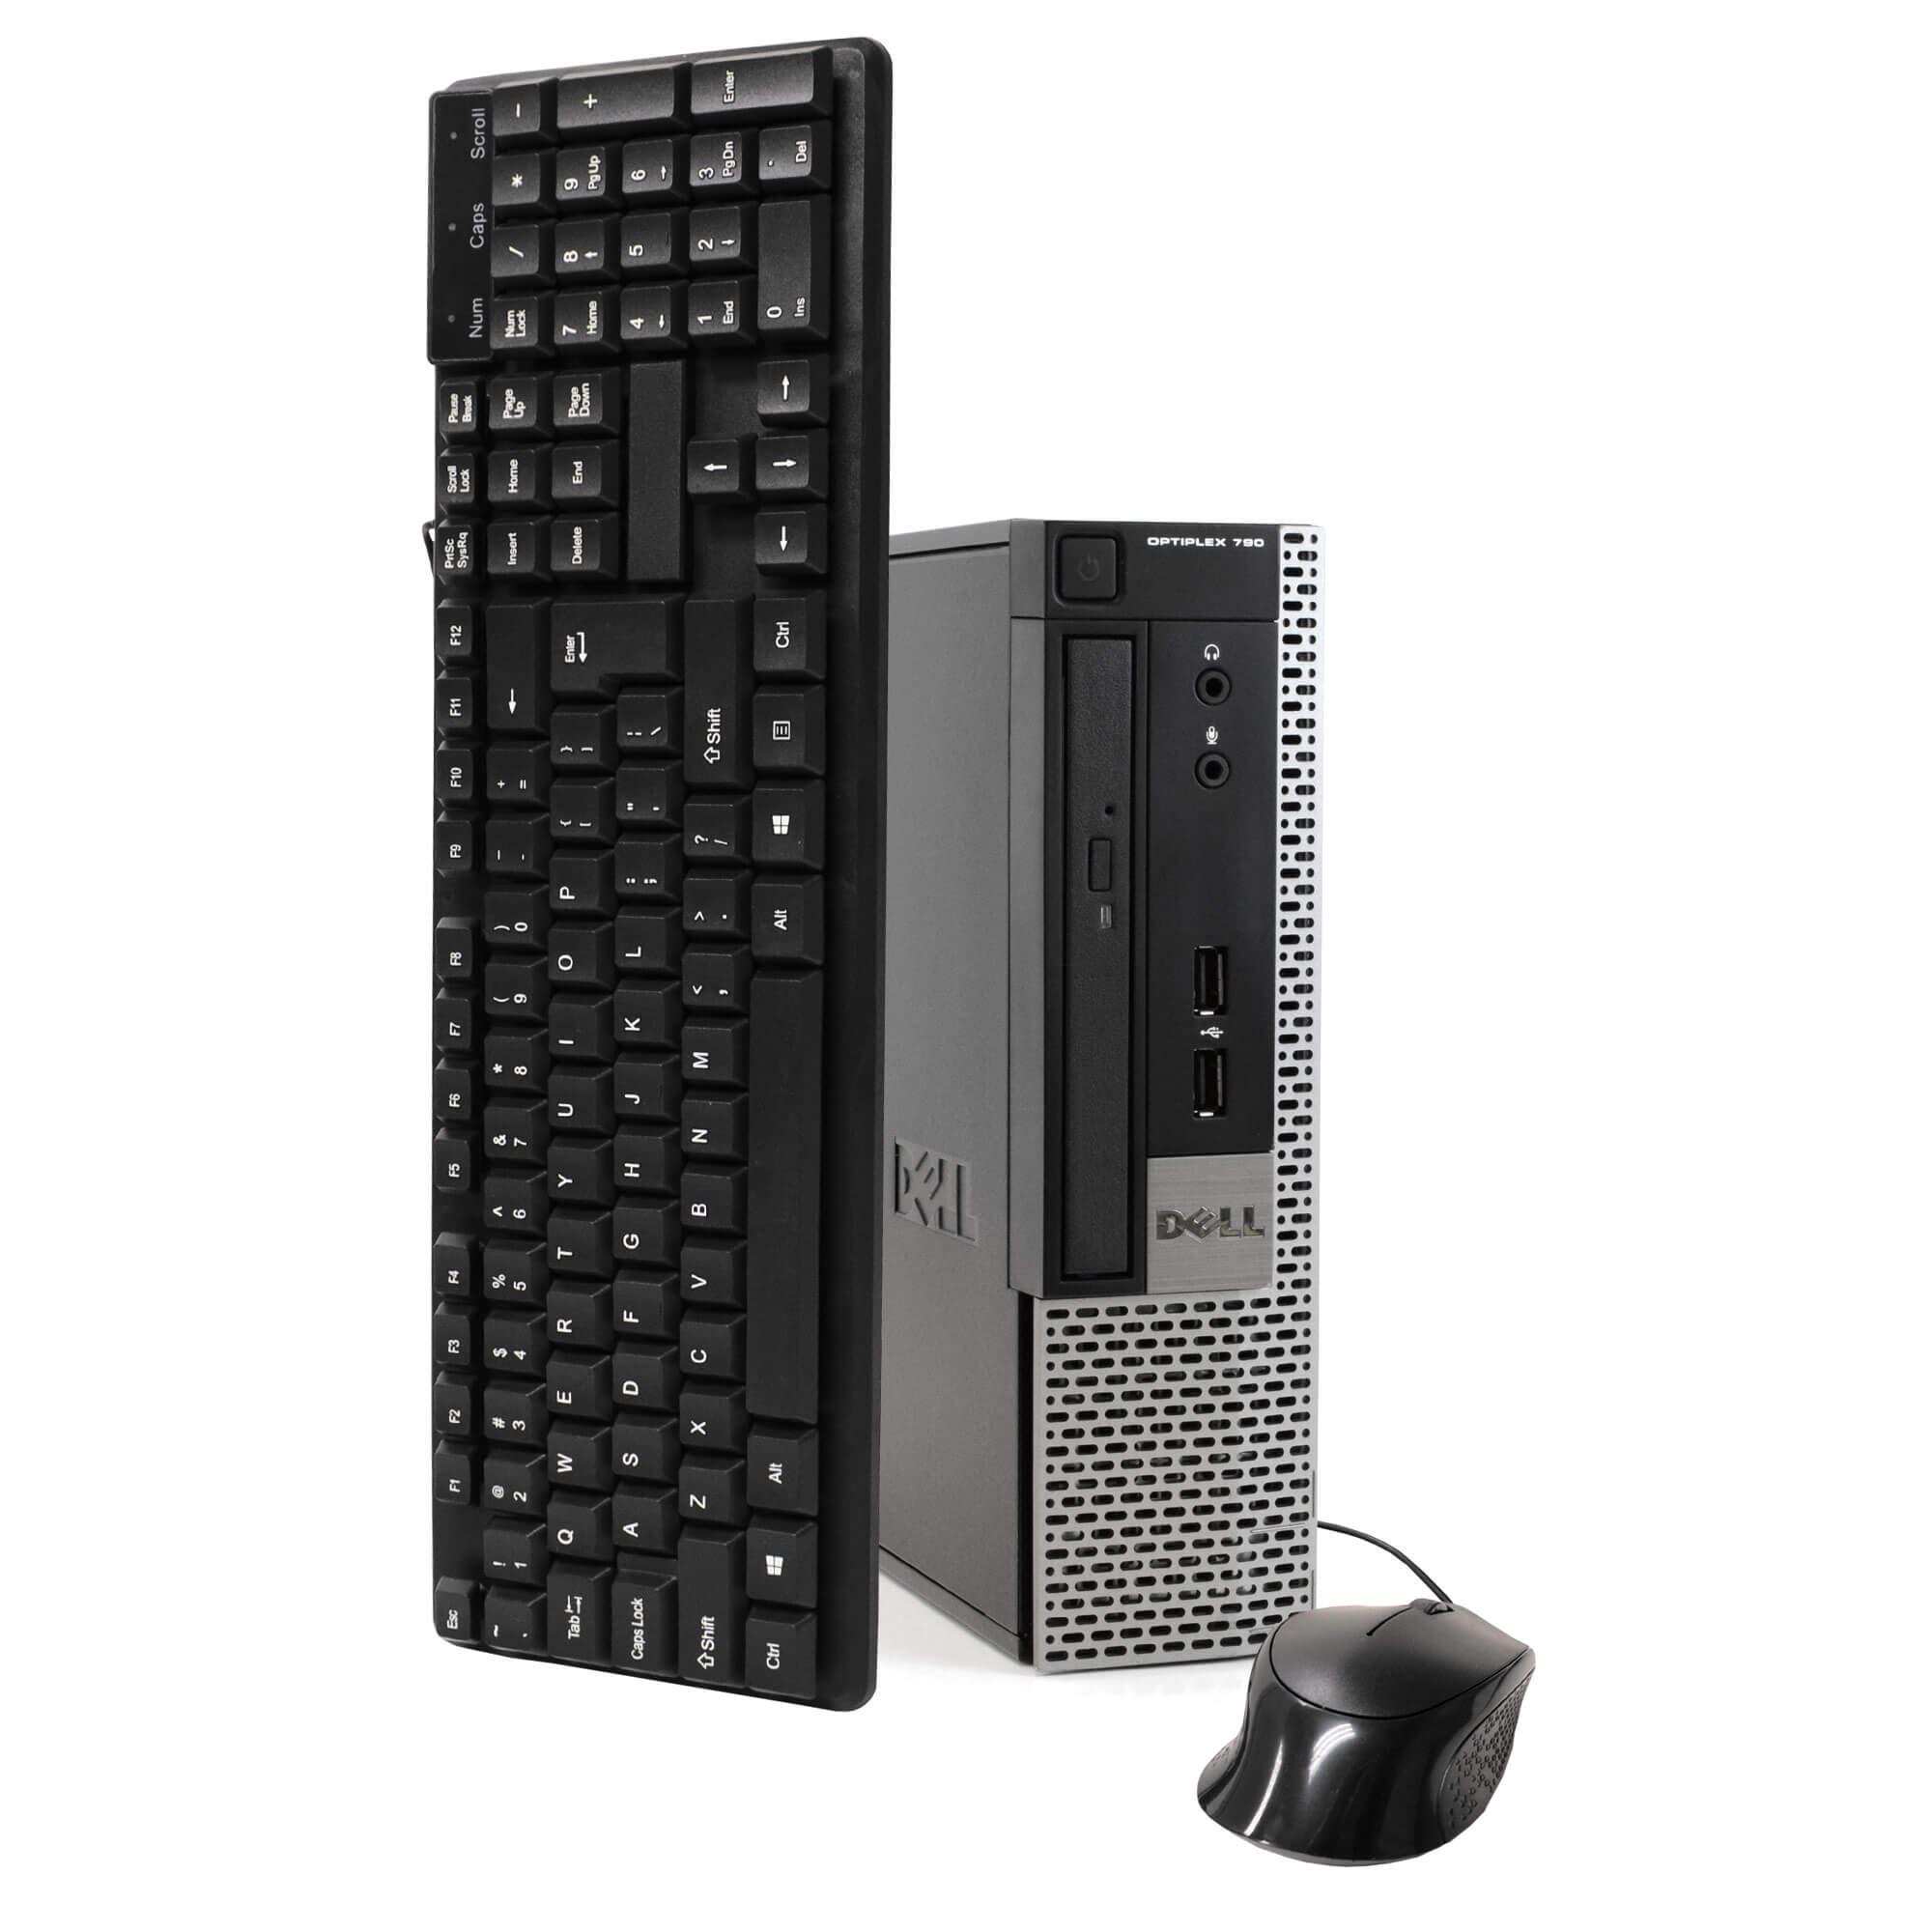 Dell OptiPlex 790 USFF Core i5 2.5 GHz - HDD 250 GB RAM 4GB